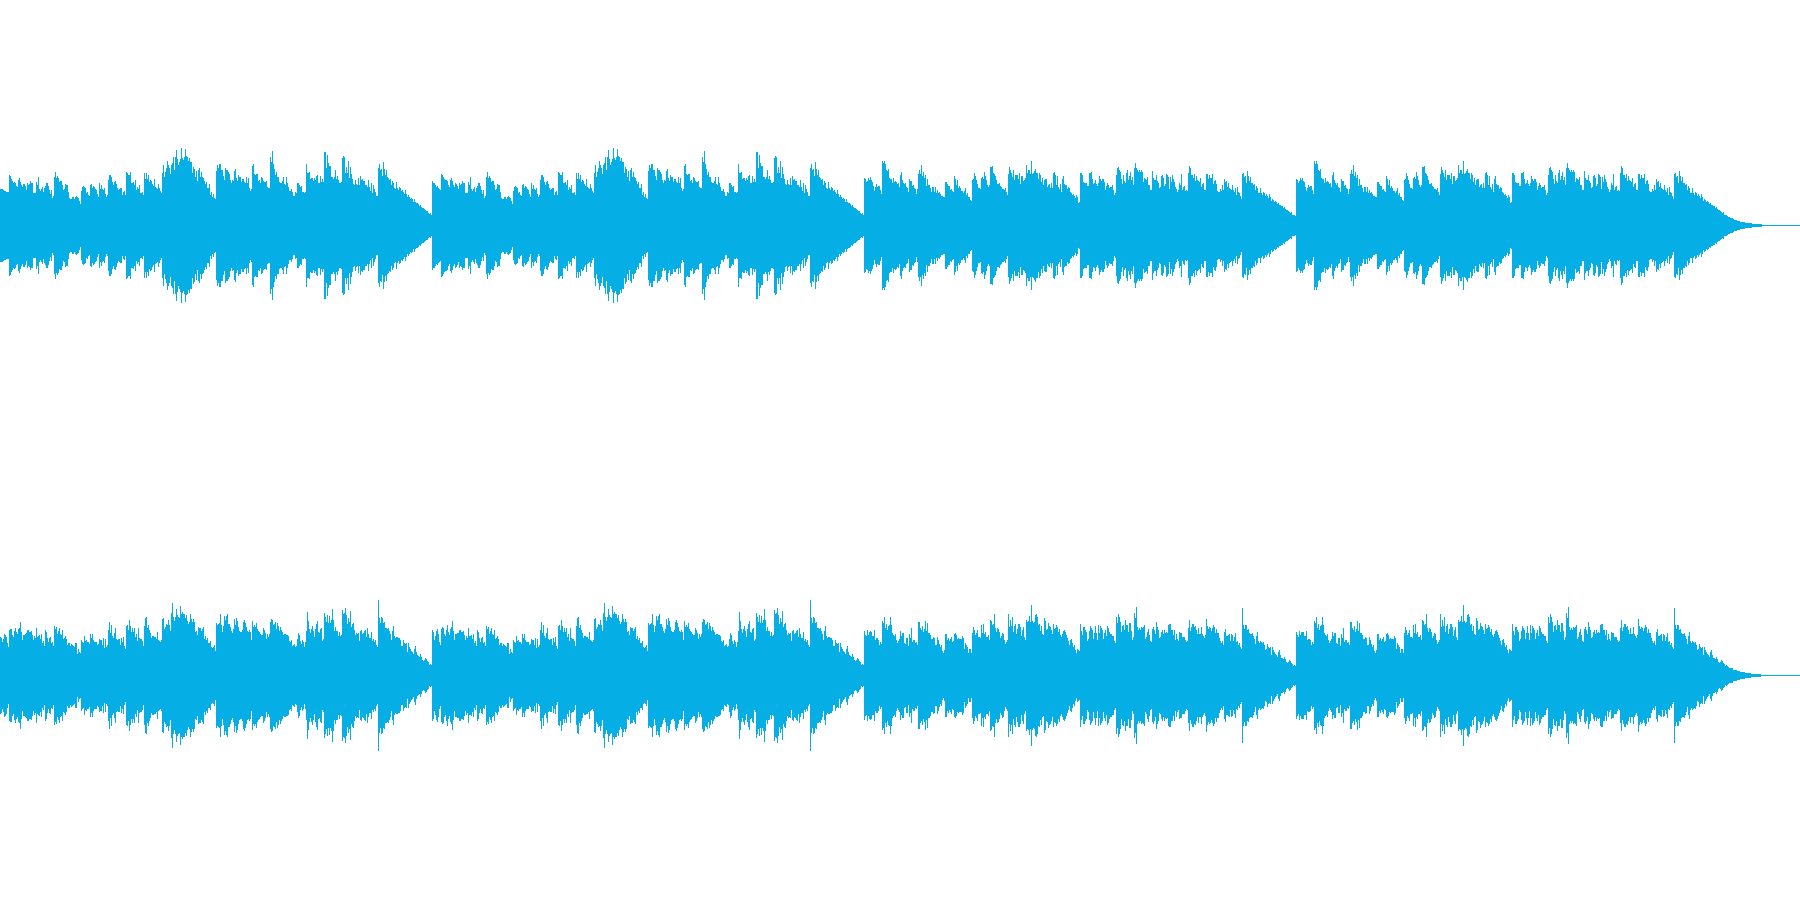 ほのぼのとした雰囲気のオルゴール風の曲の再生済みの波形